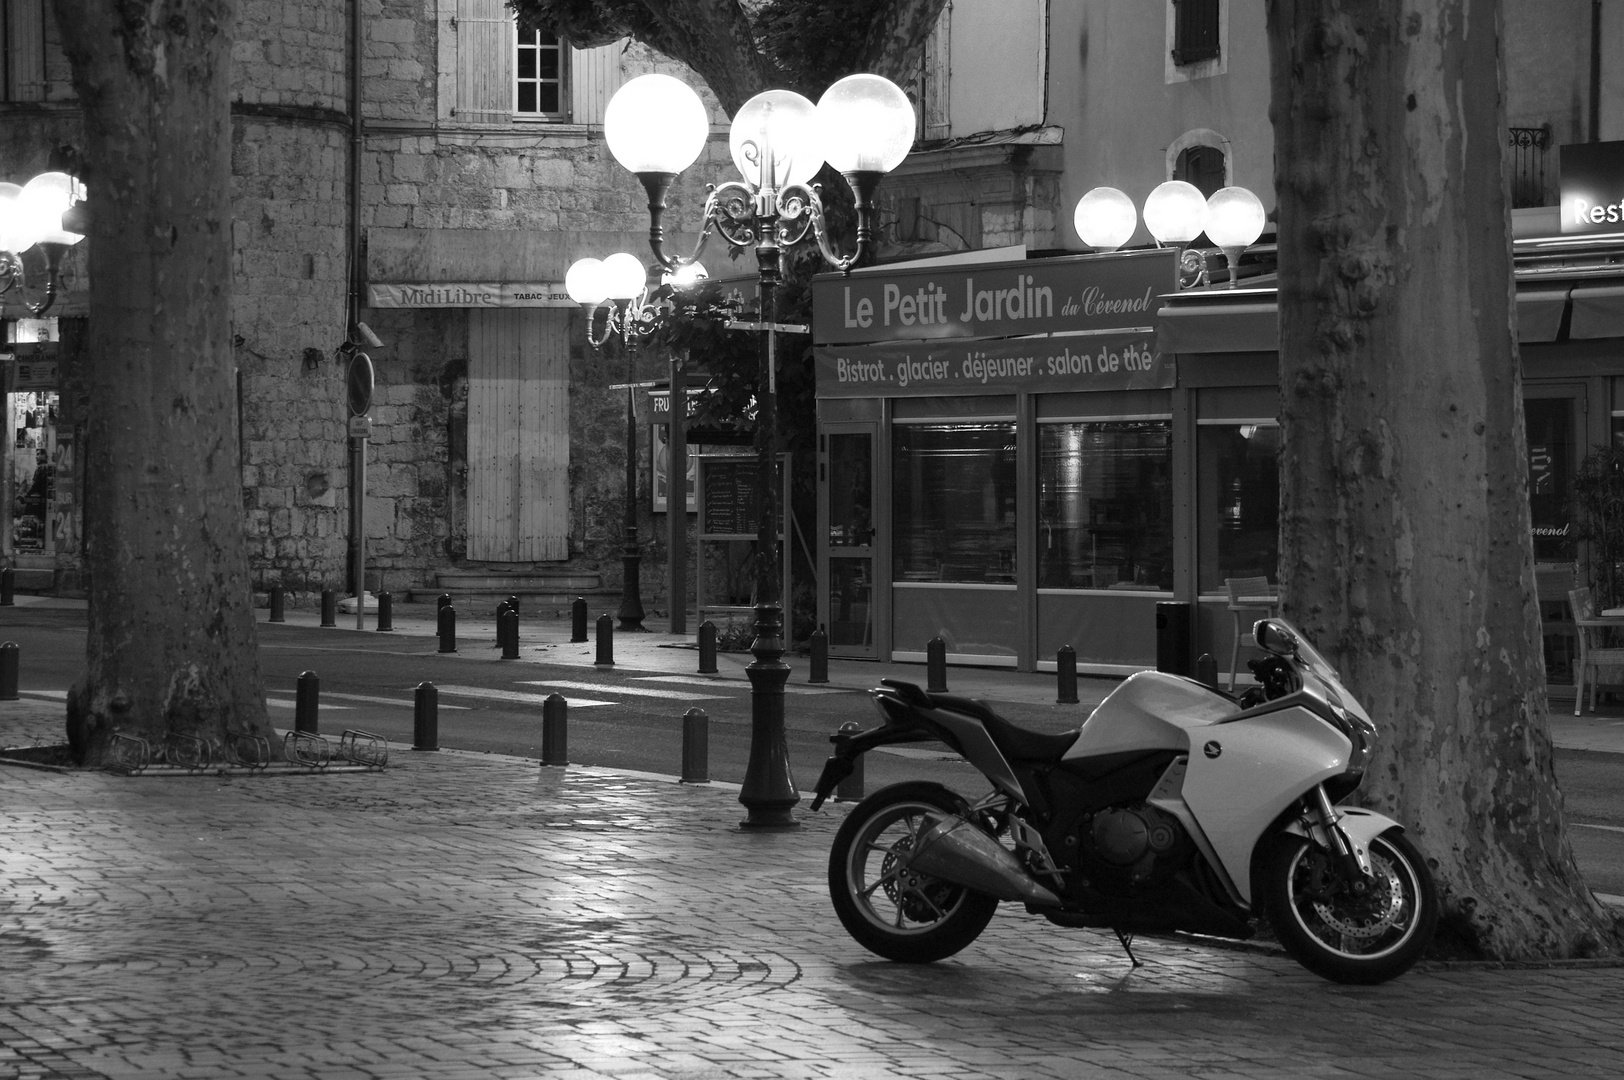 Moped bei Nacht Foto & Bild | autos & zweiräder, motorräder ...